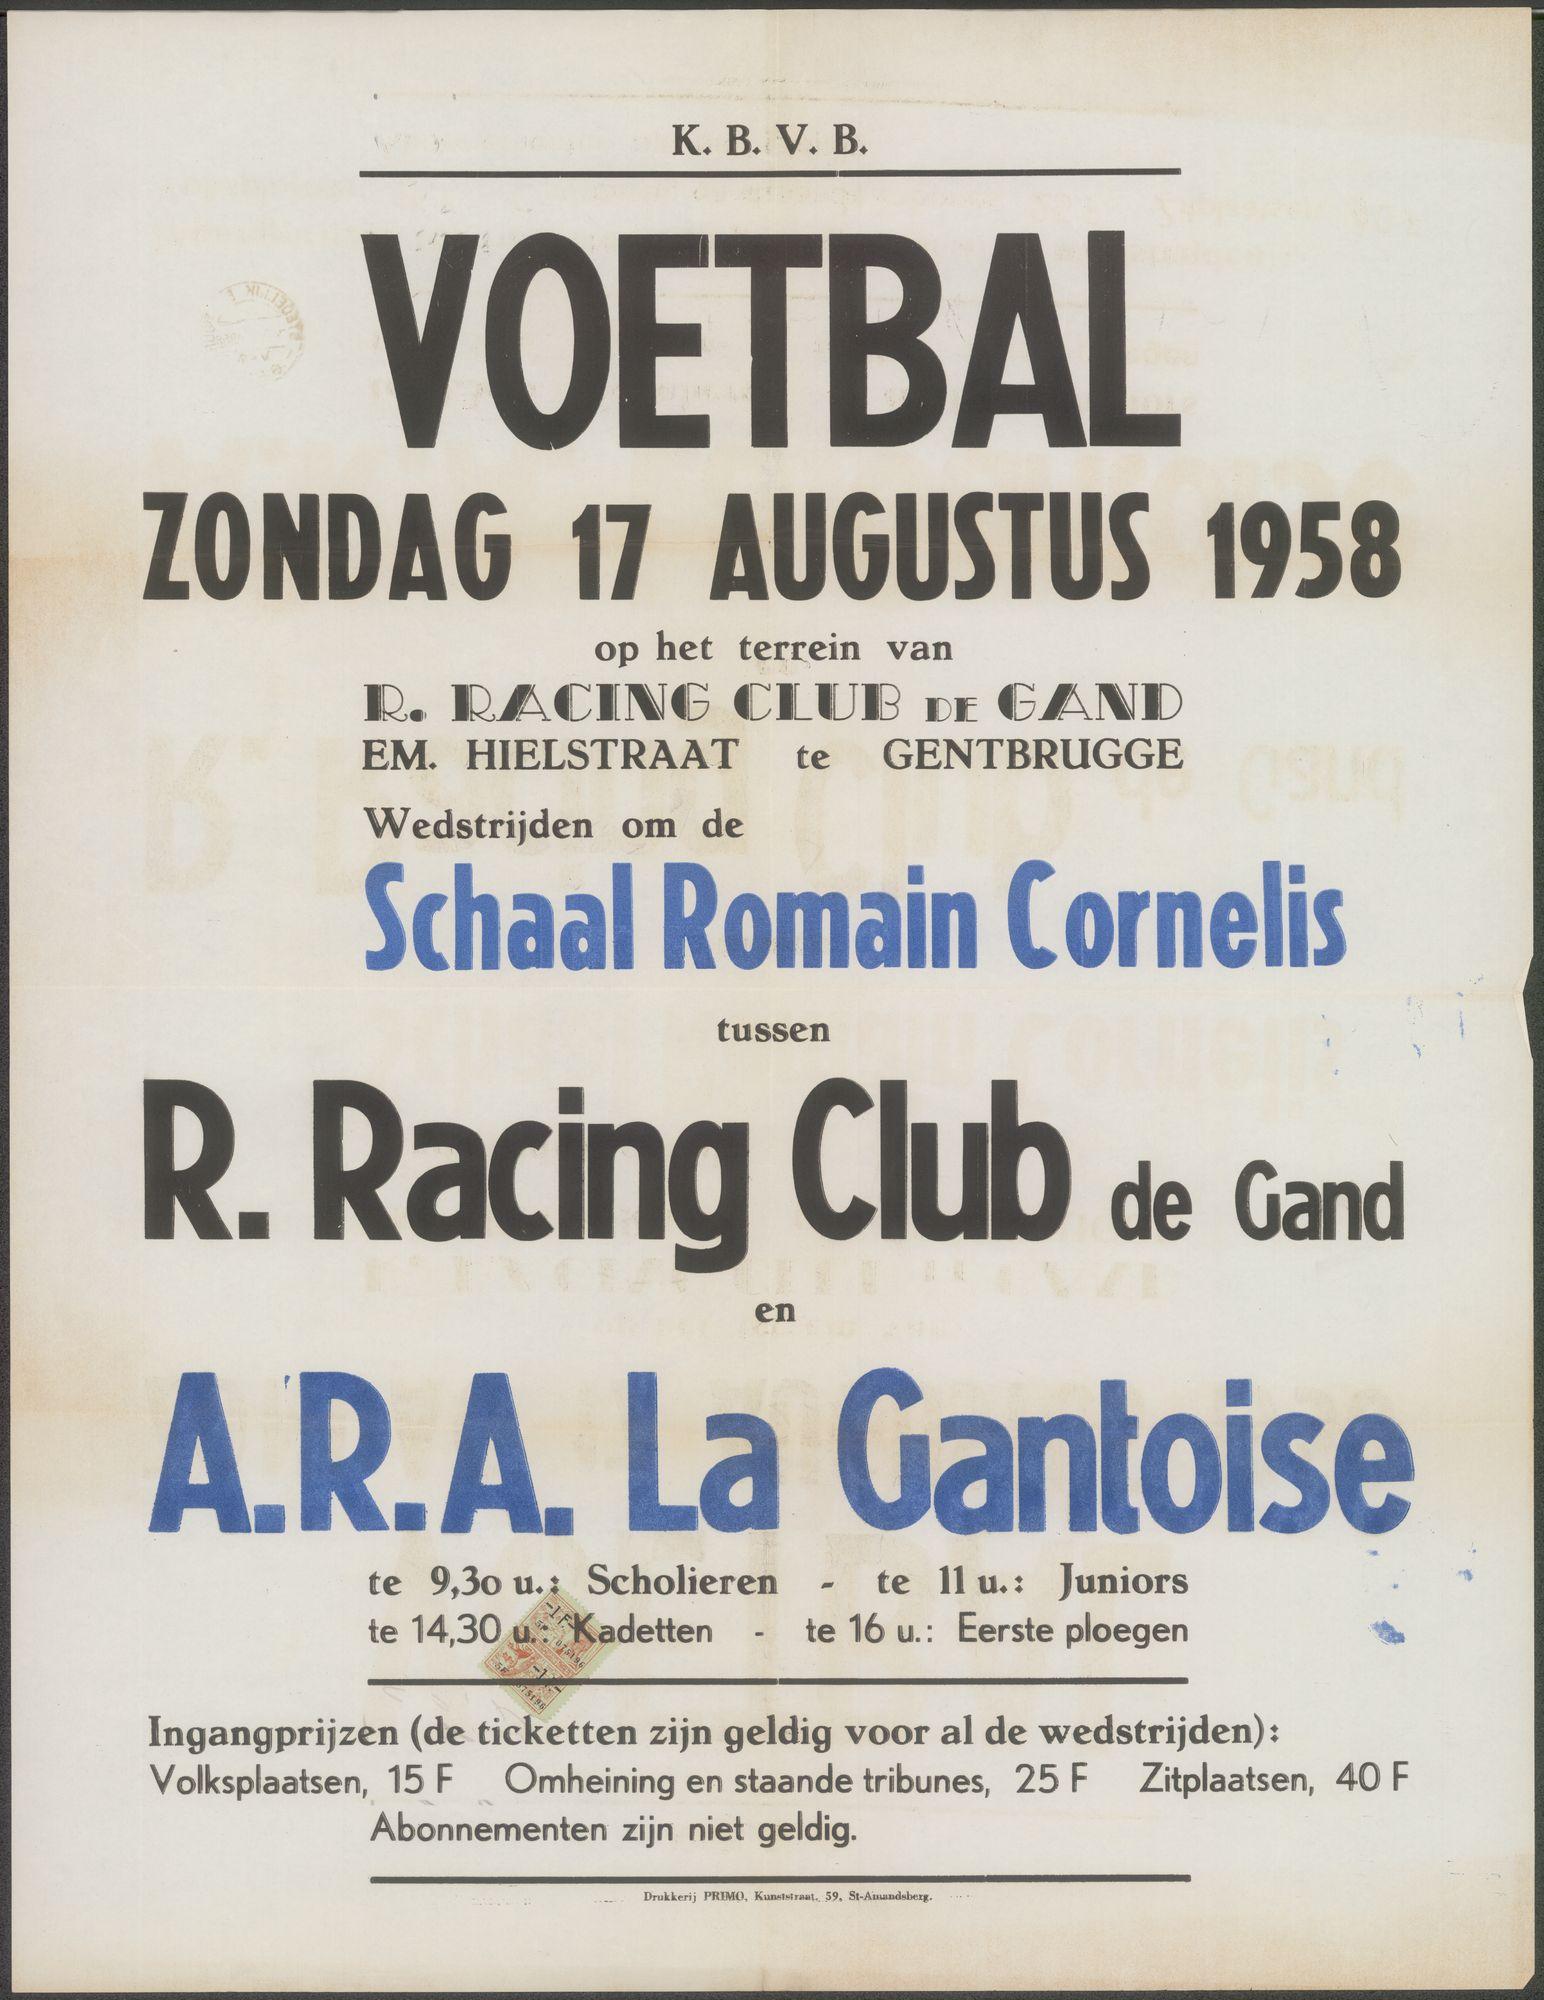 Voetbal, R.Racing Club de Gand - A.R.A. La Gantoise, op het terrein van R.Racing Club de Gand, Schaal Romain Cornelis, zondag 17 augustus 1958